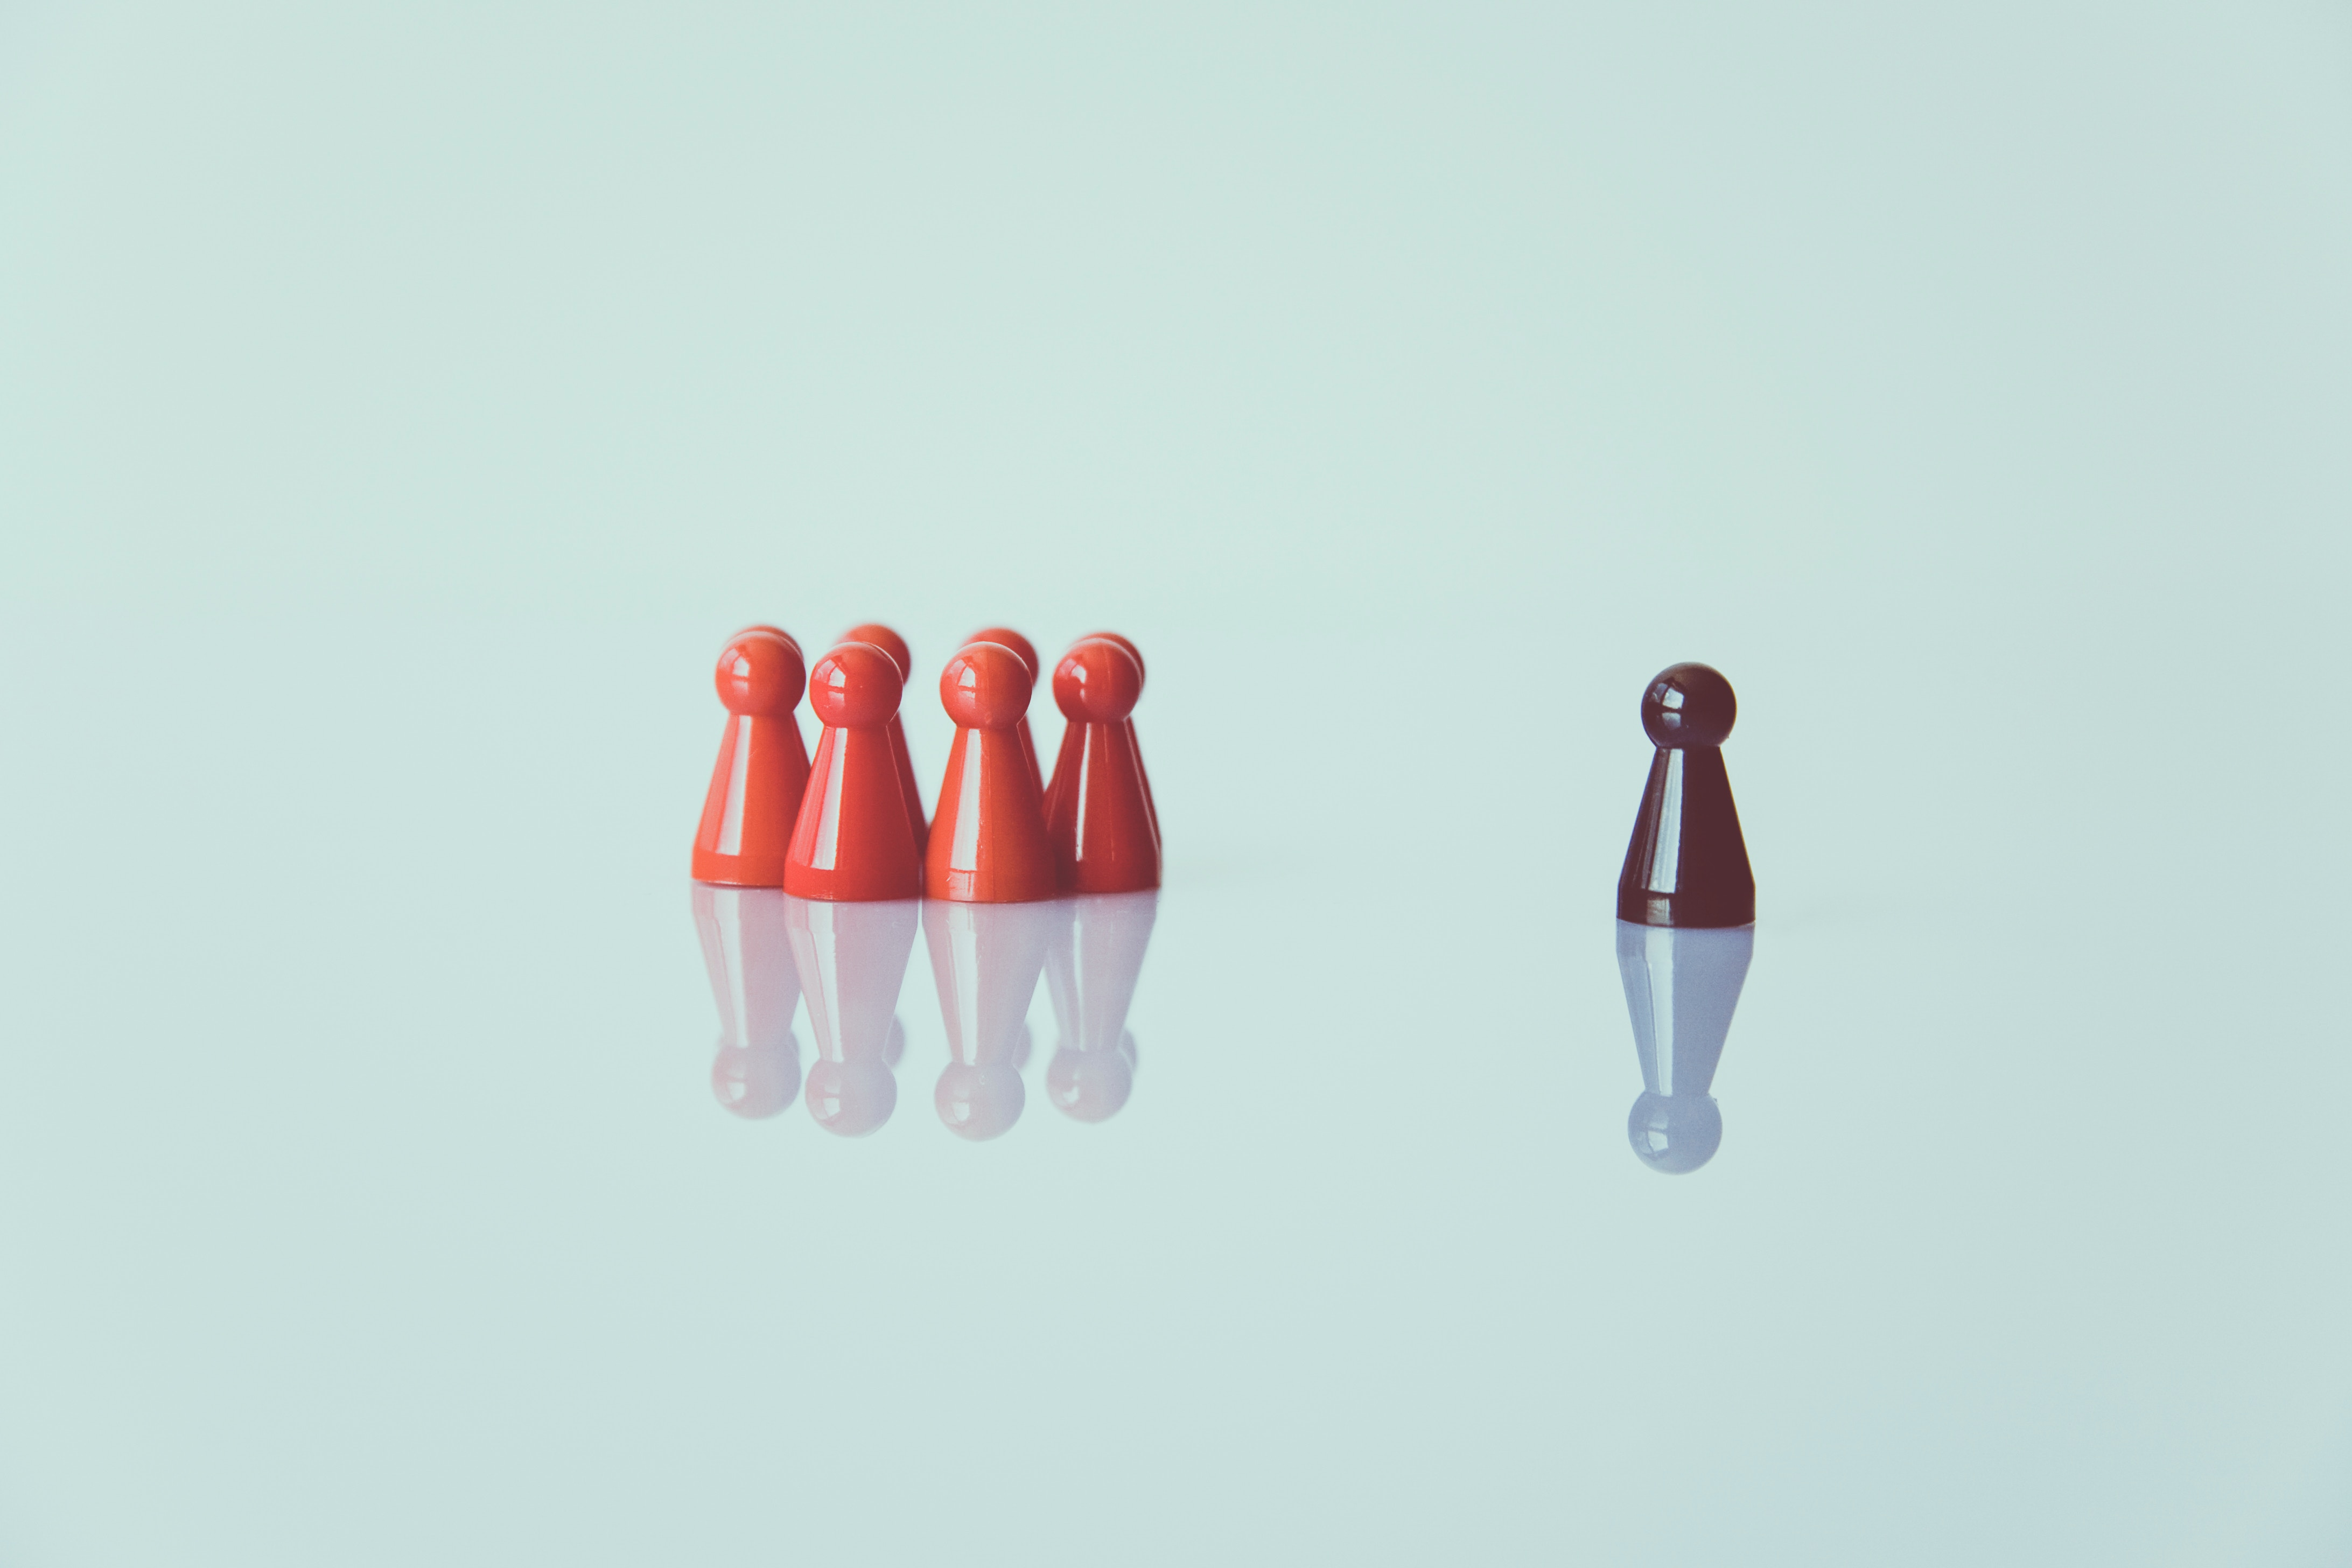 как научится управлять людьми